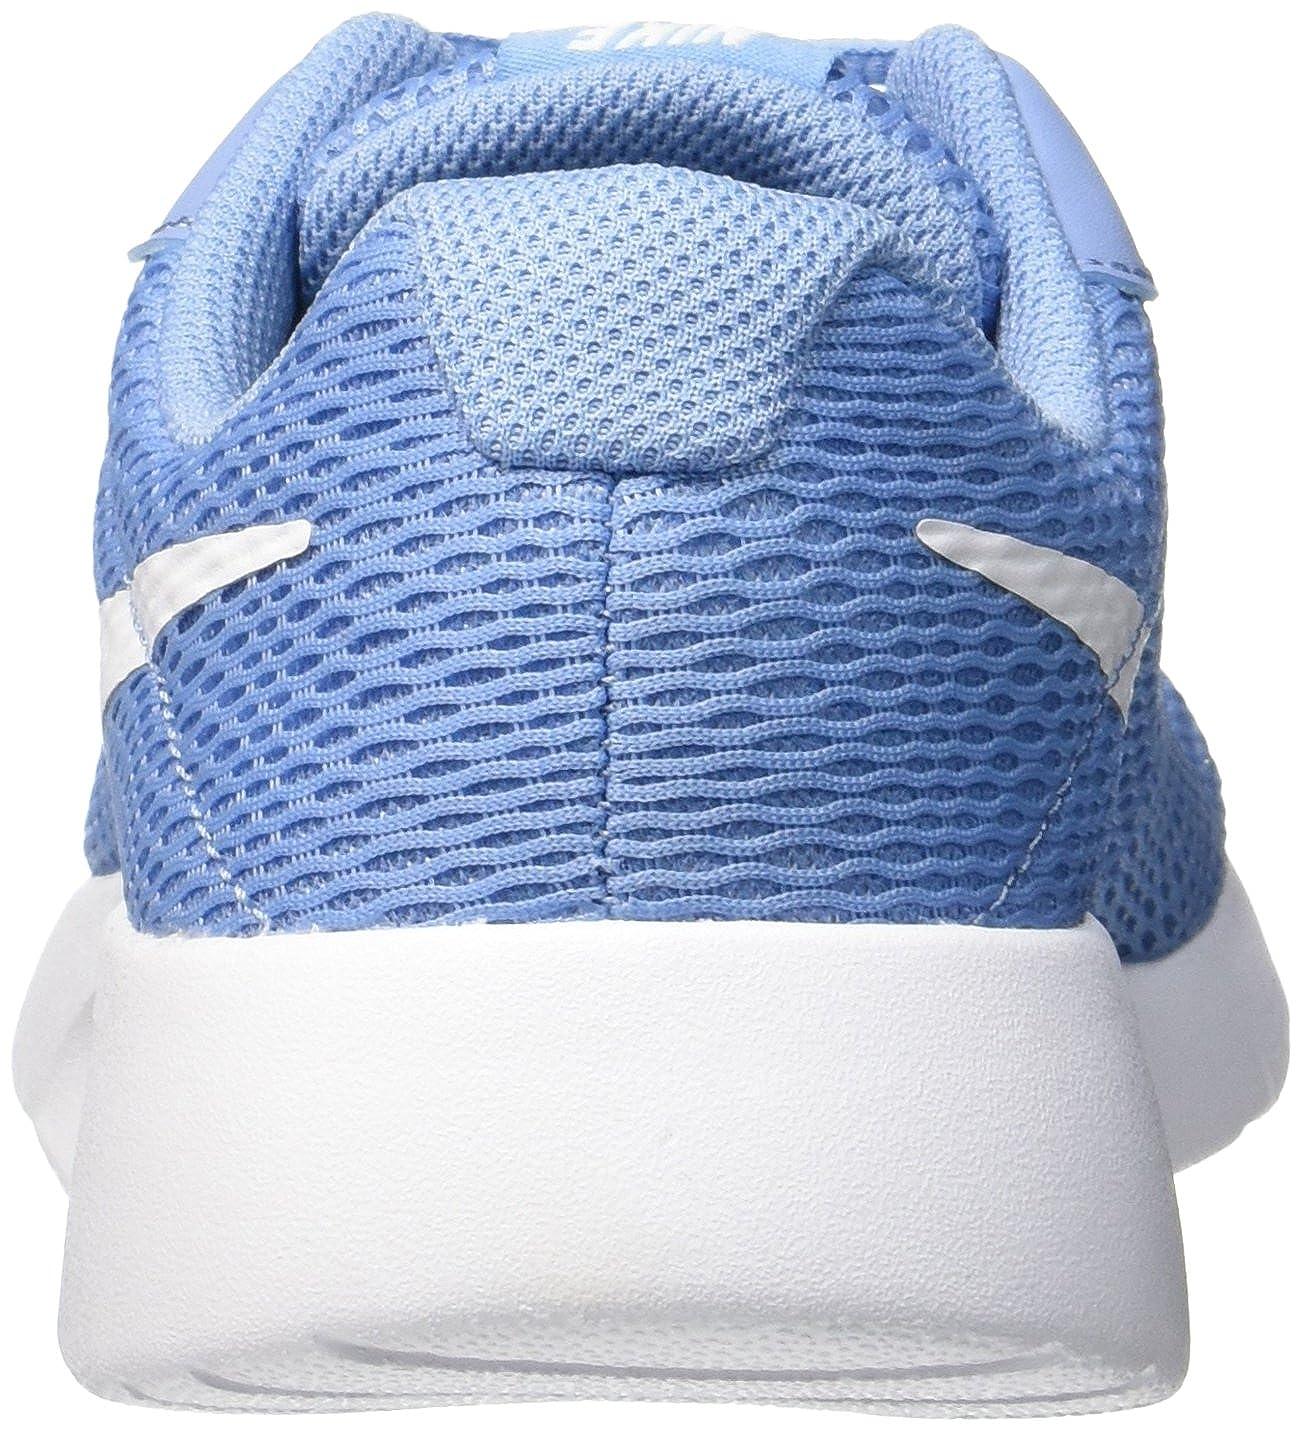 Nike Mädchen Tanjun Gg Hallenschuhe: : Schuhe